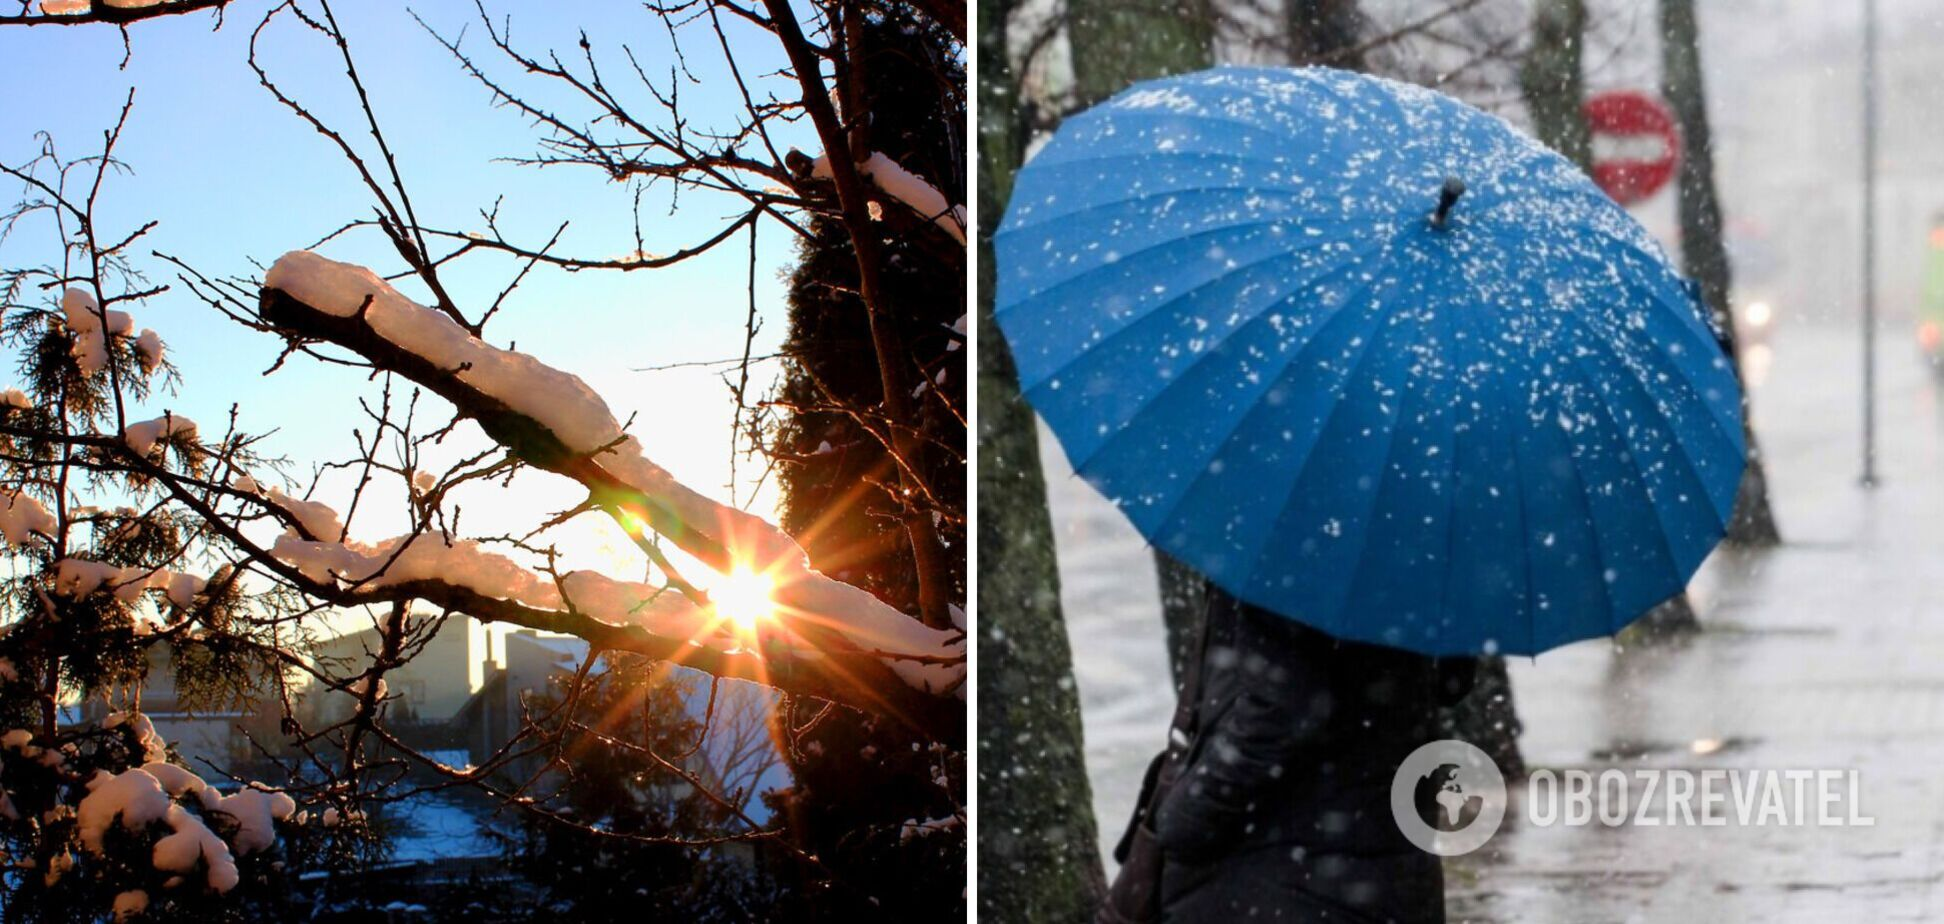 Україну у вівторок зачепить опадами: де погода буде дощовою та зі снігом. Карта